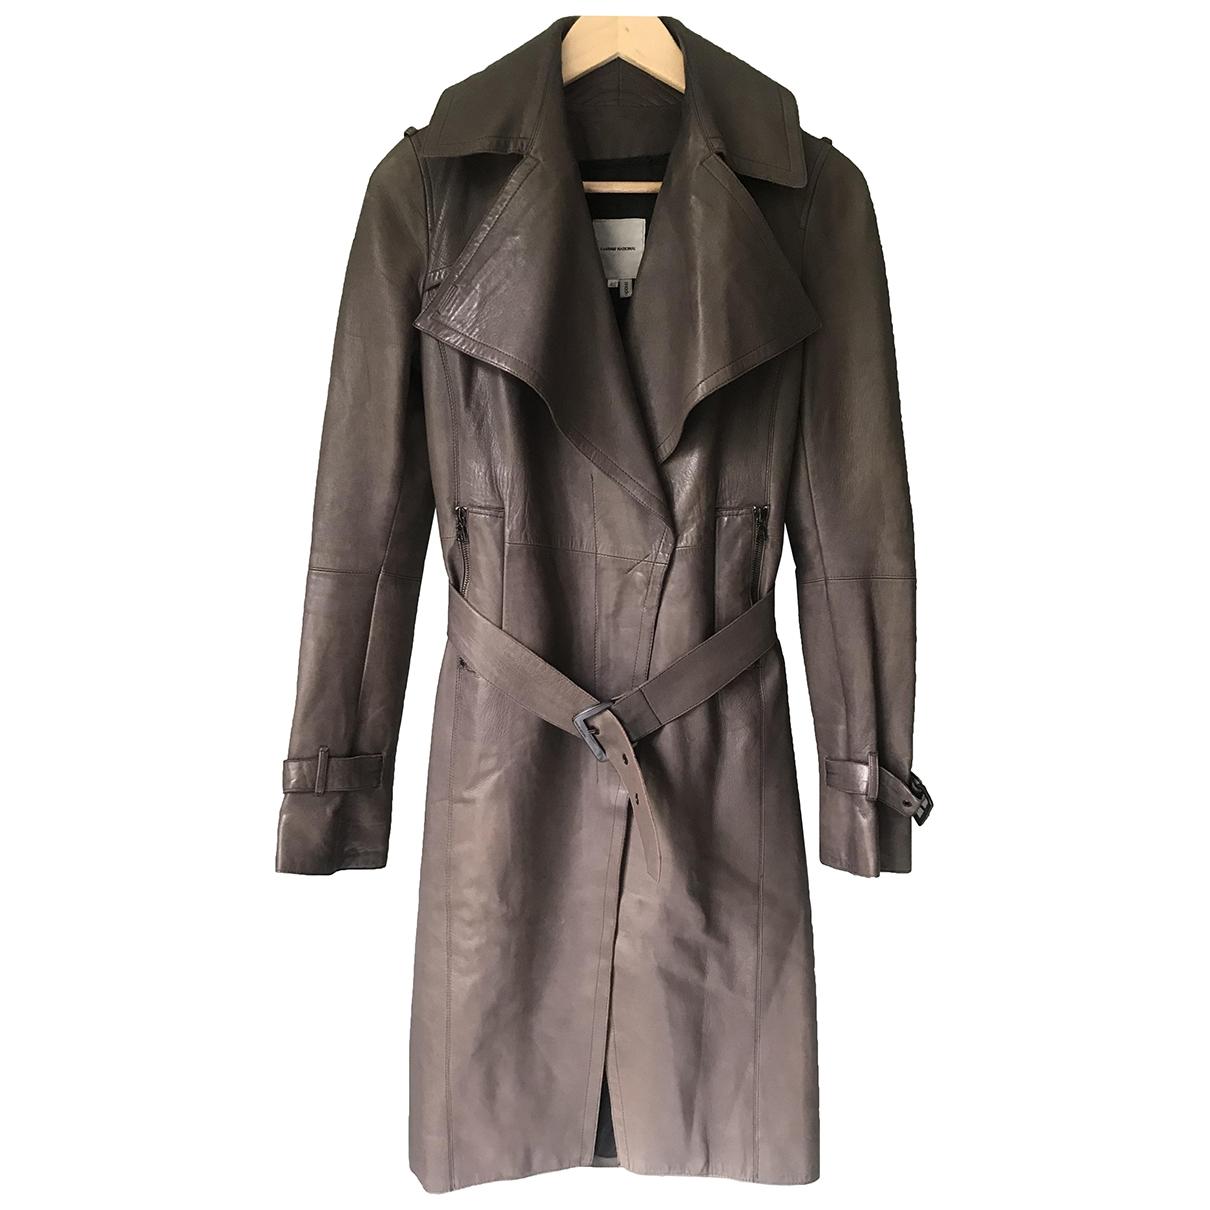 Costume National - Manteau   pour femme en cuir